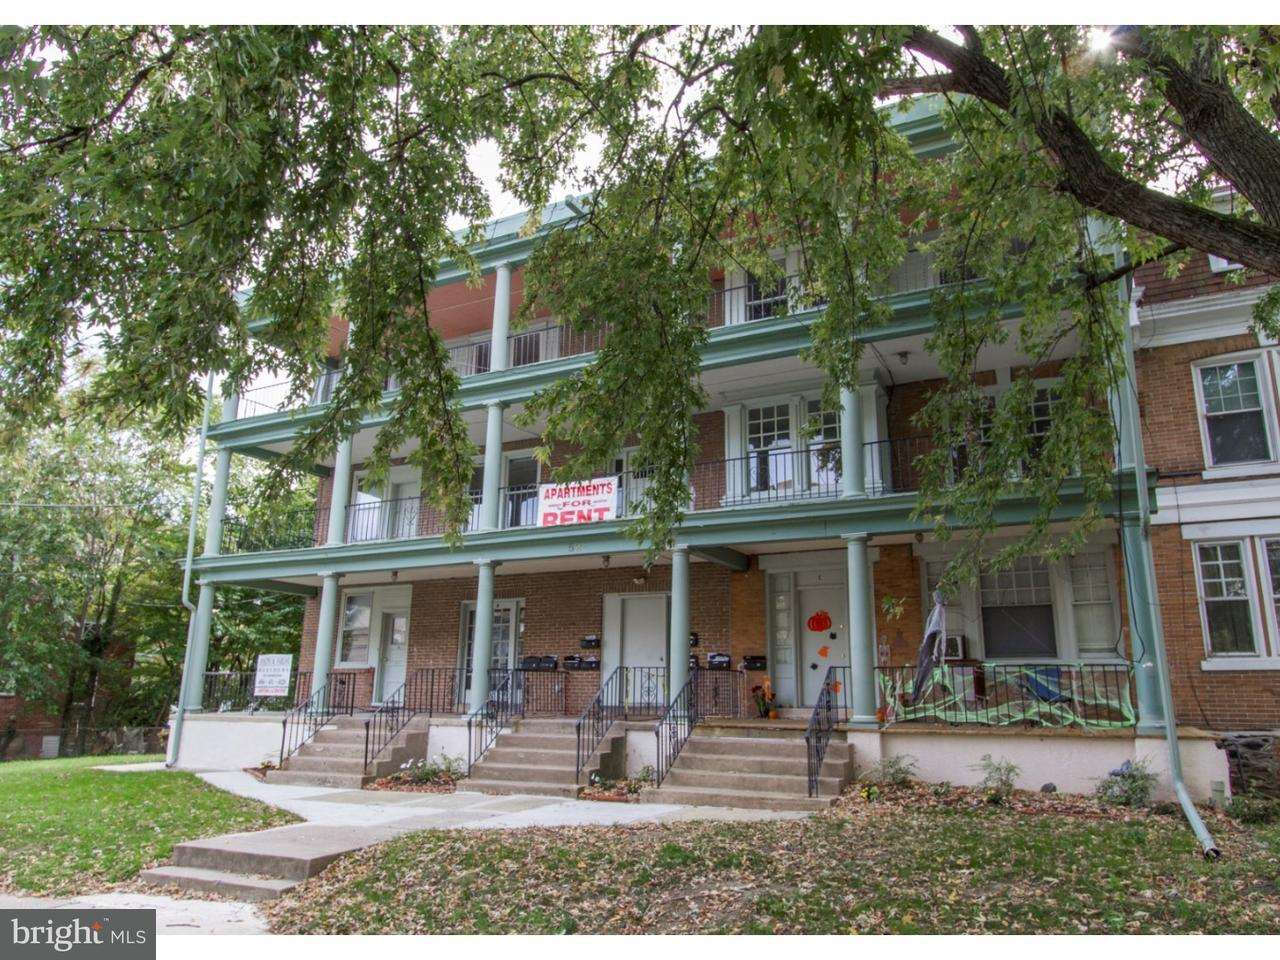 Maison unifamiliale pour l à louer à 52-54 E STRATFORD AVE #G Lansdowne, Pennsylvanie 19050 États-Unis